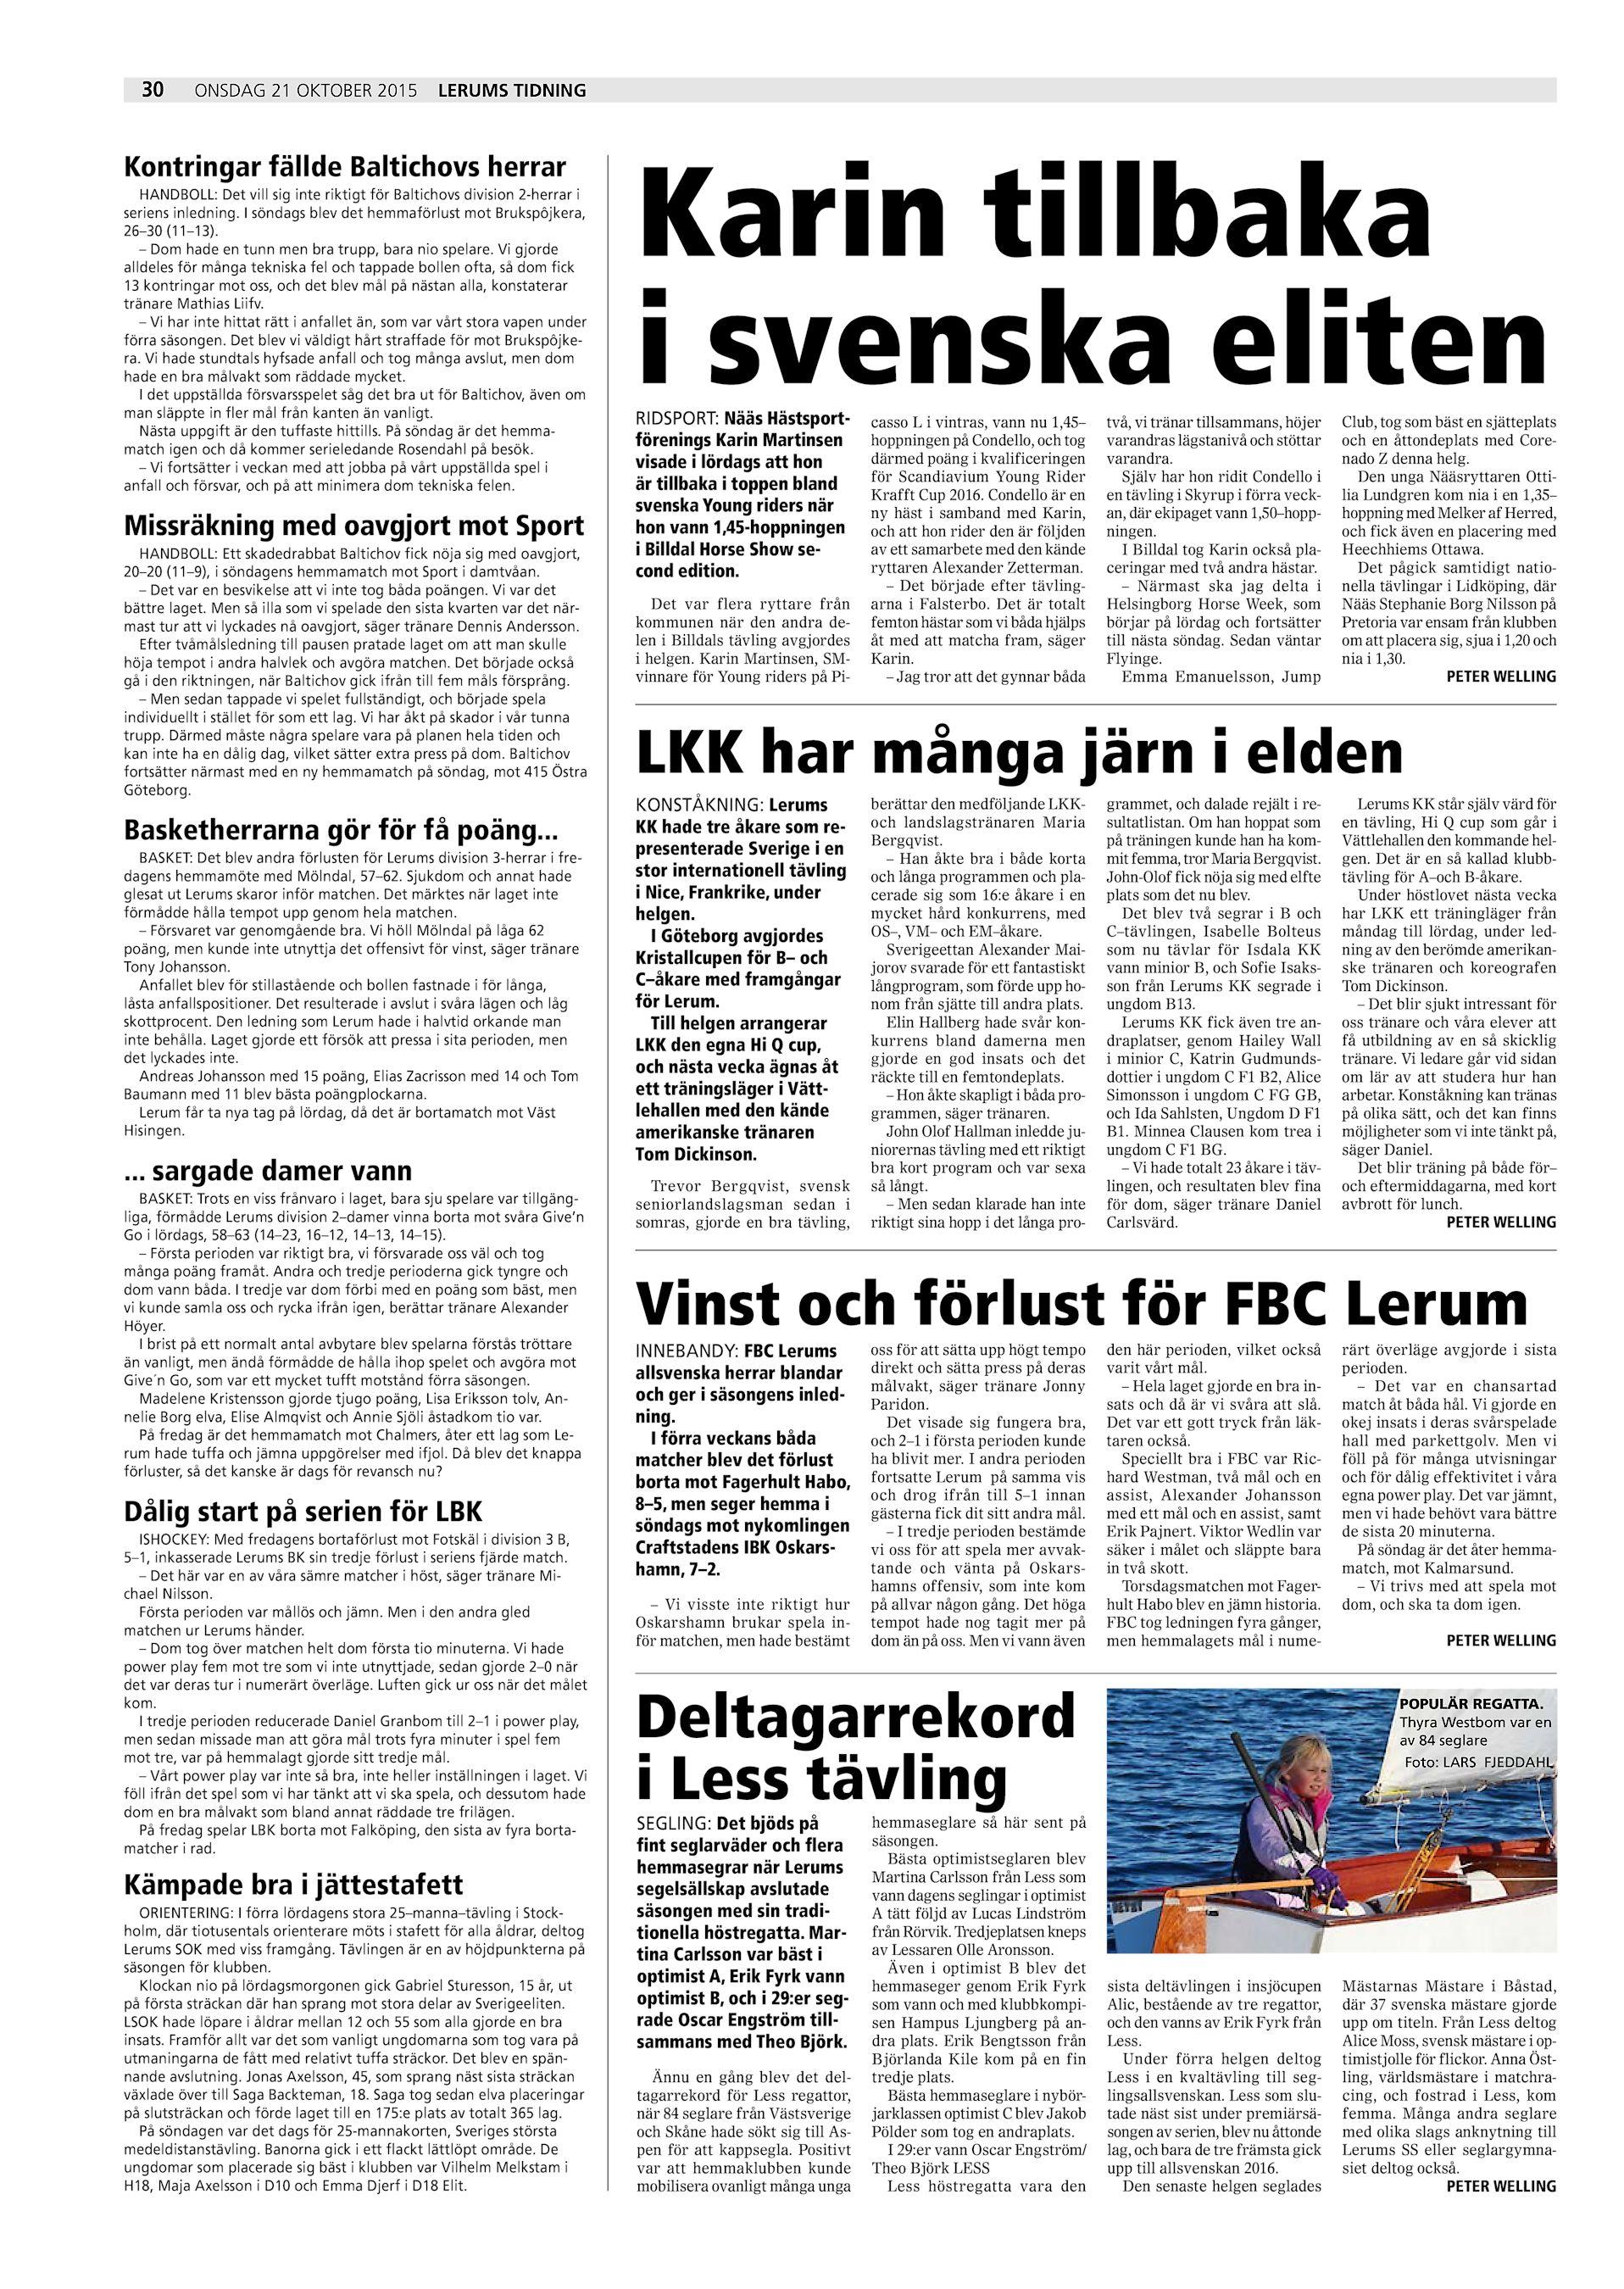 30 onsdag 21 oktober 2015 Lerums Tidning Kontringar fällde Baltichovs  herrar HANDBOLL  Det vill sig inte riktigt för Baltichovs division 2-herrar  i seriens ... 7b2f472c53acf